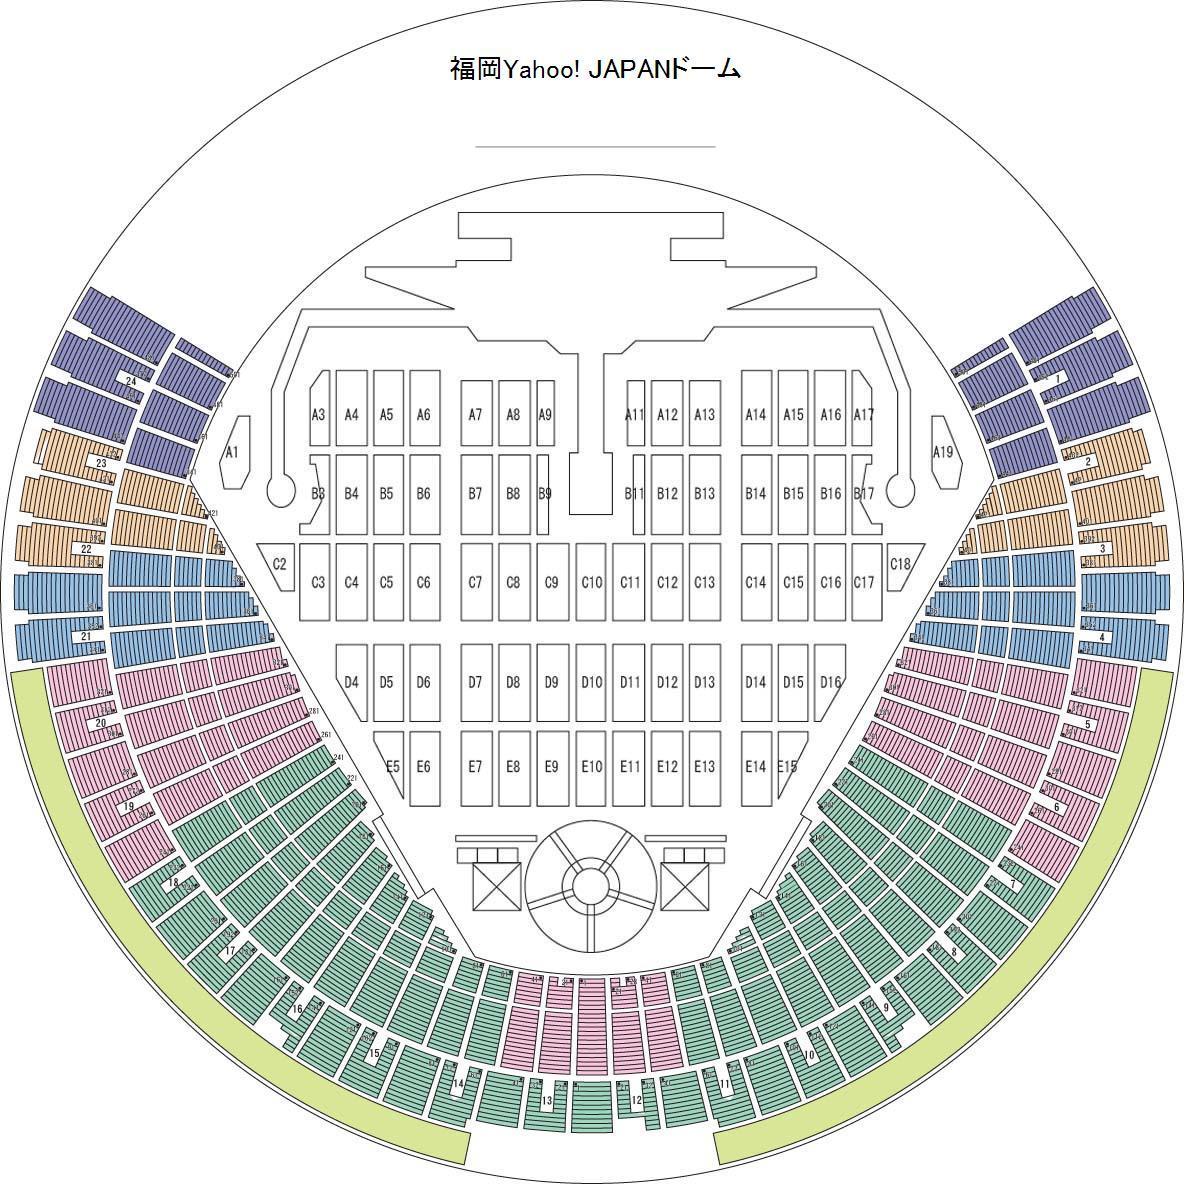 福岡ドーム!三代目JSB「METROPOLIZ」のセトリ・レポ・ネタバレ・バクステ・アリーナ